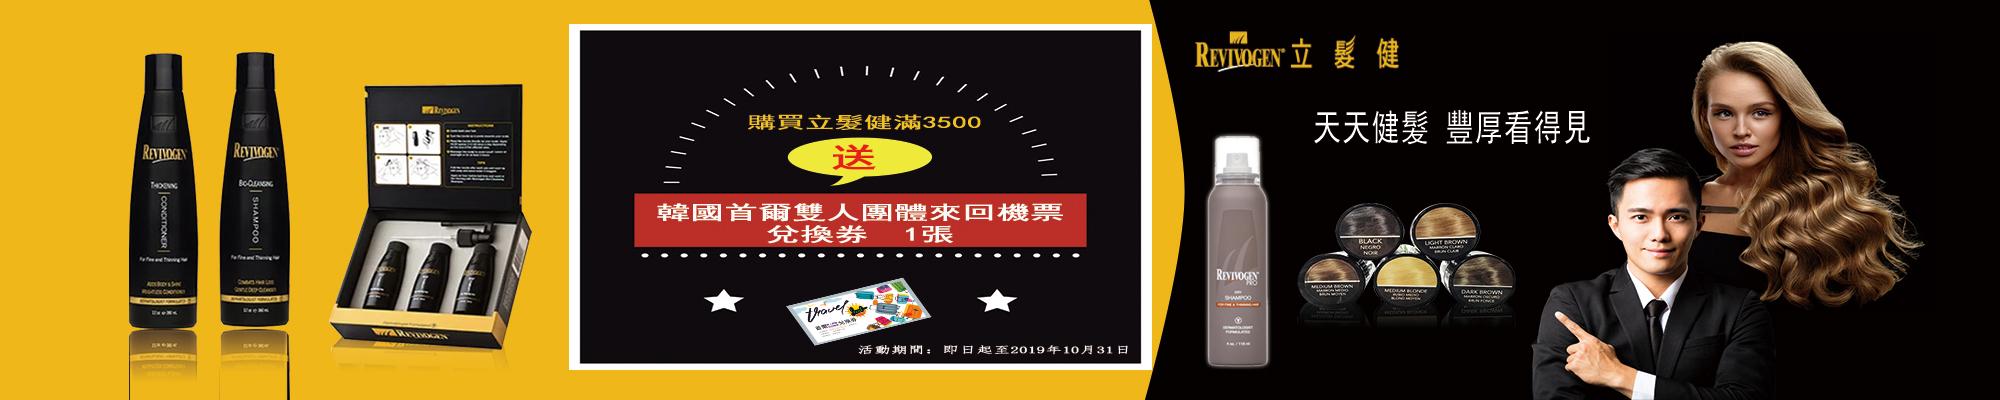 滿額送韓國首爾雙人機票兌換券